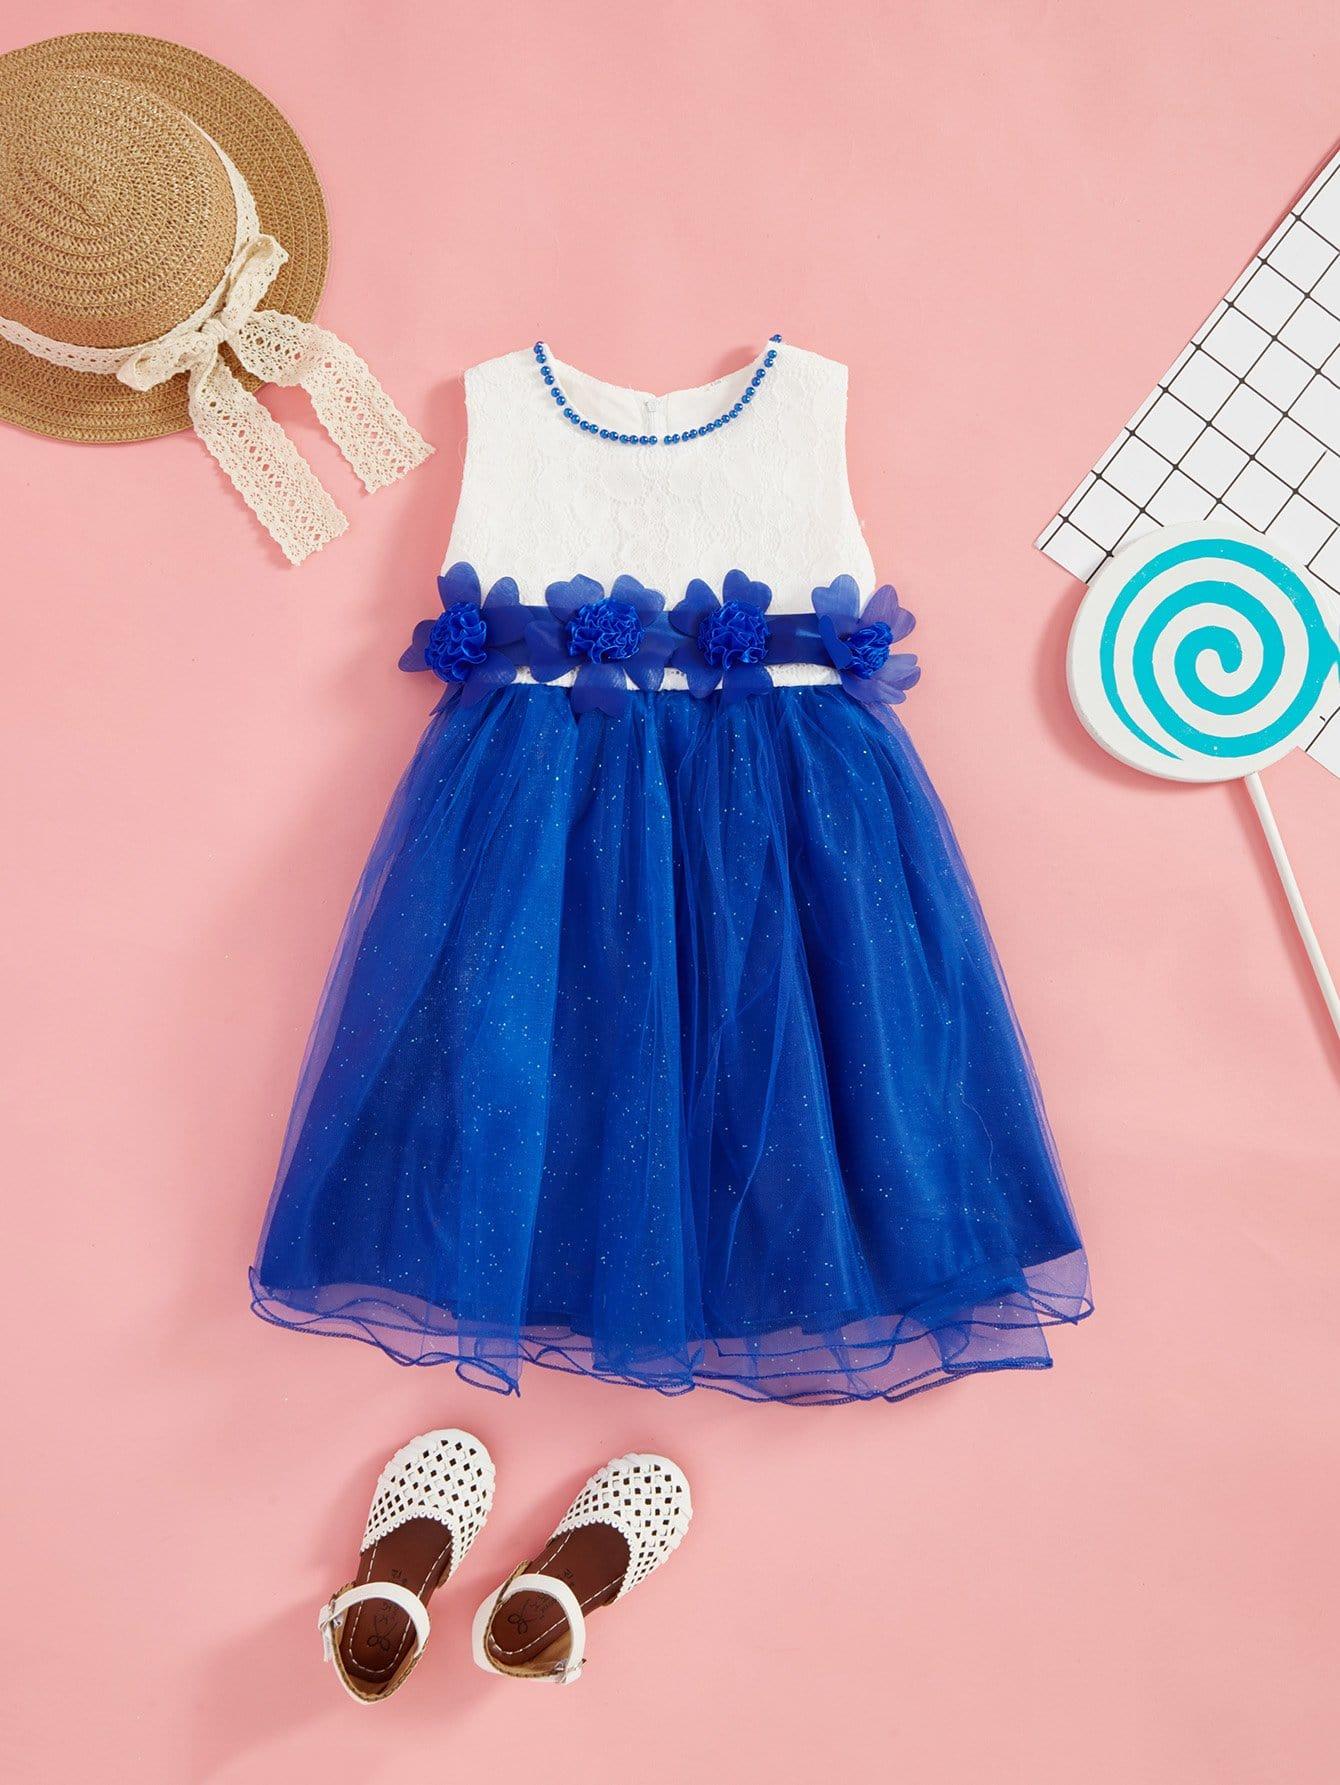 Купить Бальное платье с прозрачными вставками с вышивкой кружева и с украшениями цветы для детей, null, SheIn